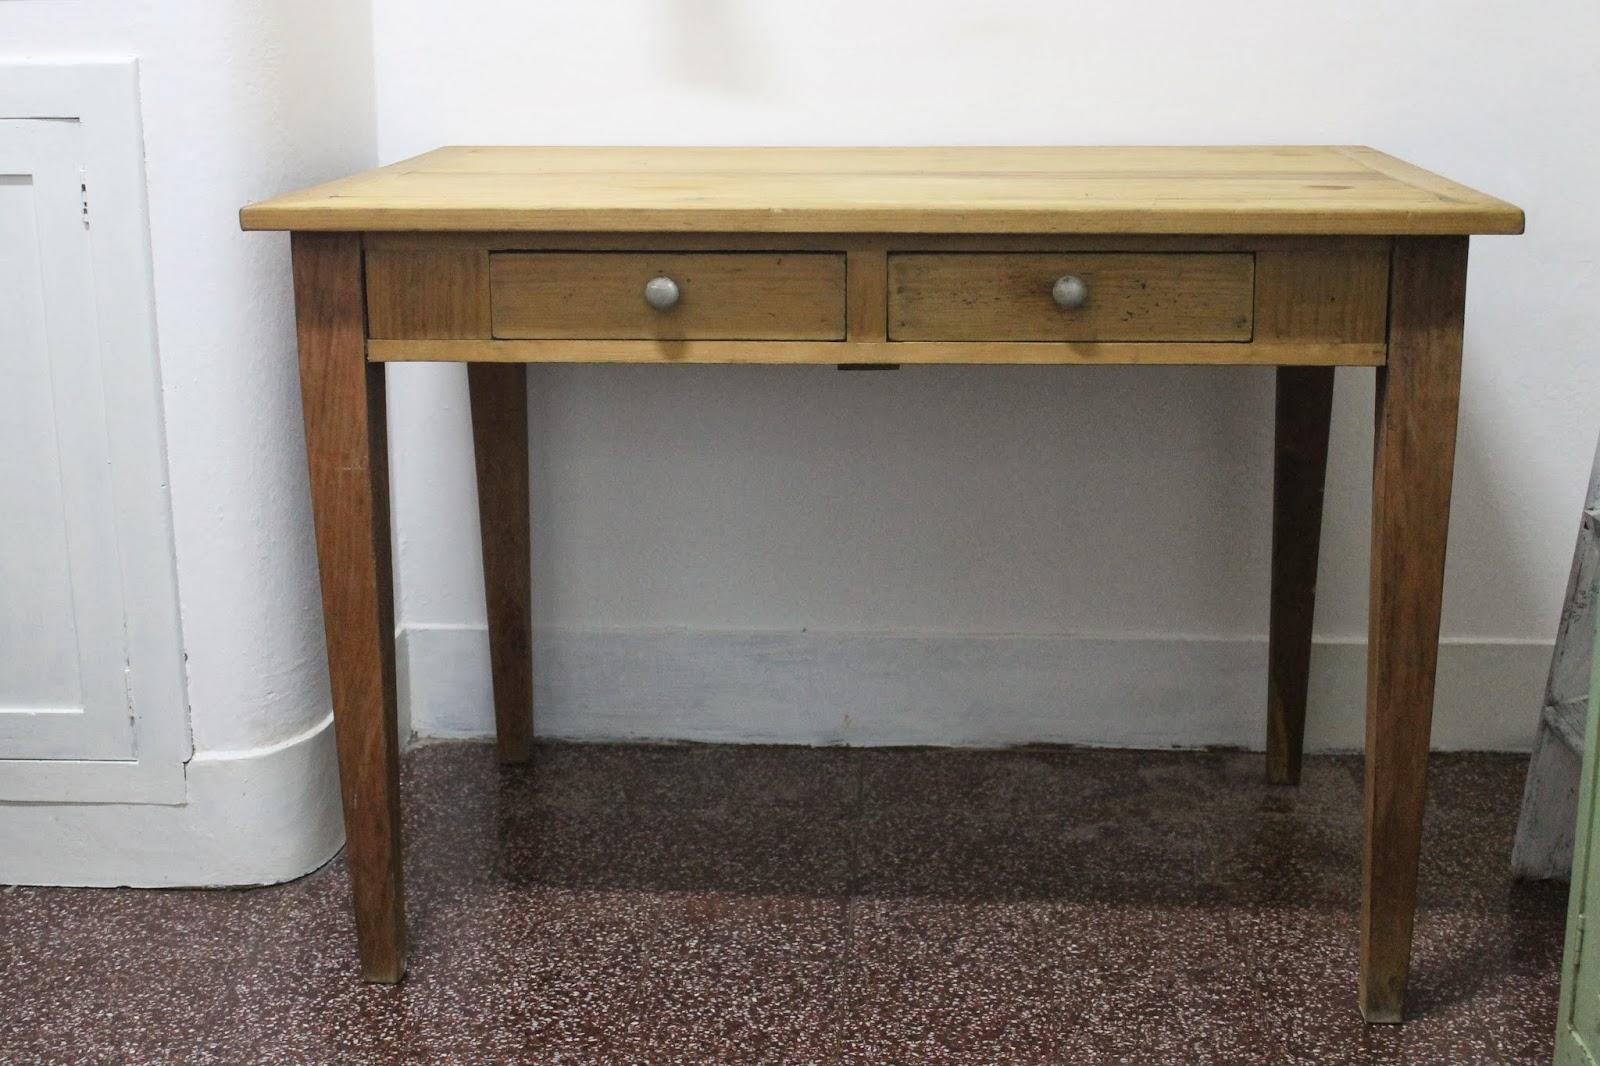 Mesa de campo escritorio deco marce tienda - Mesas de escritorio antiguas ...